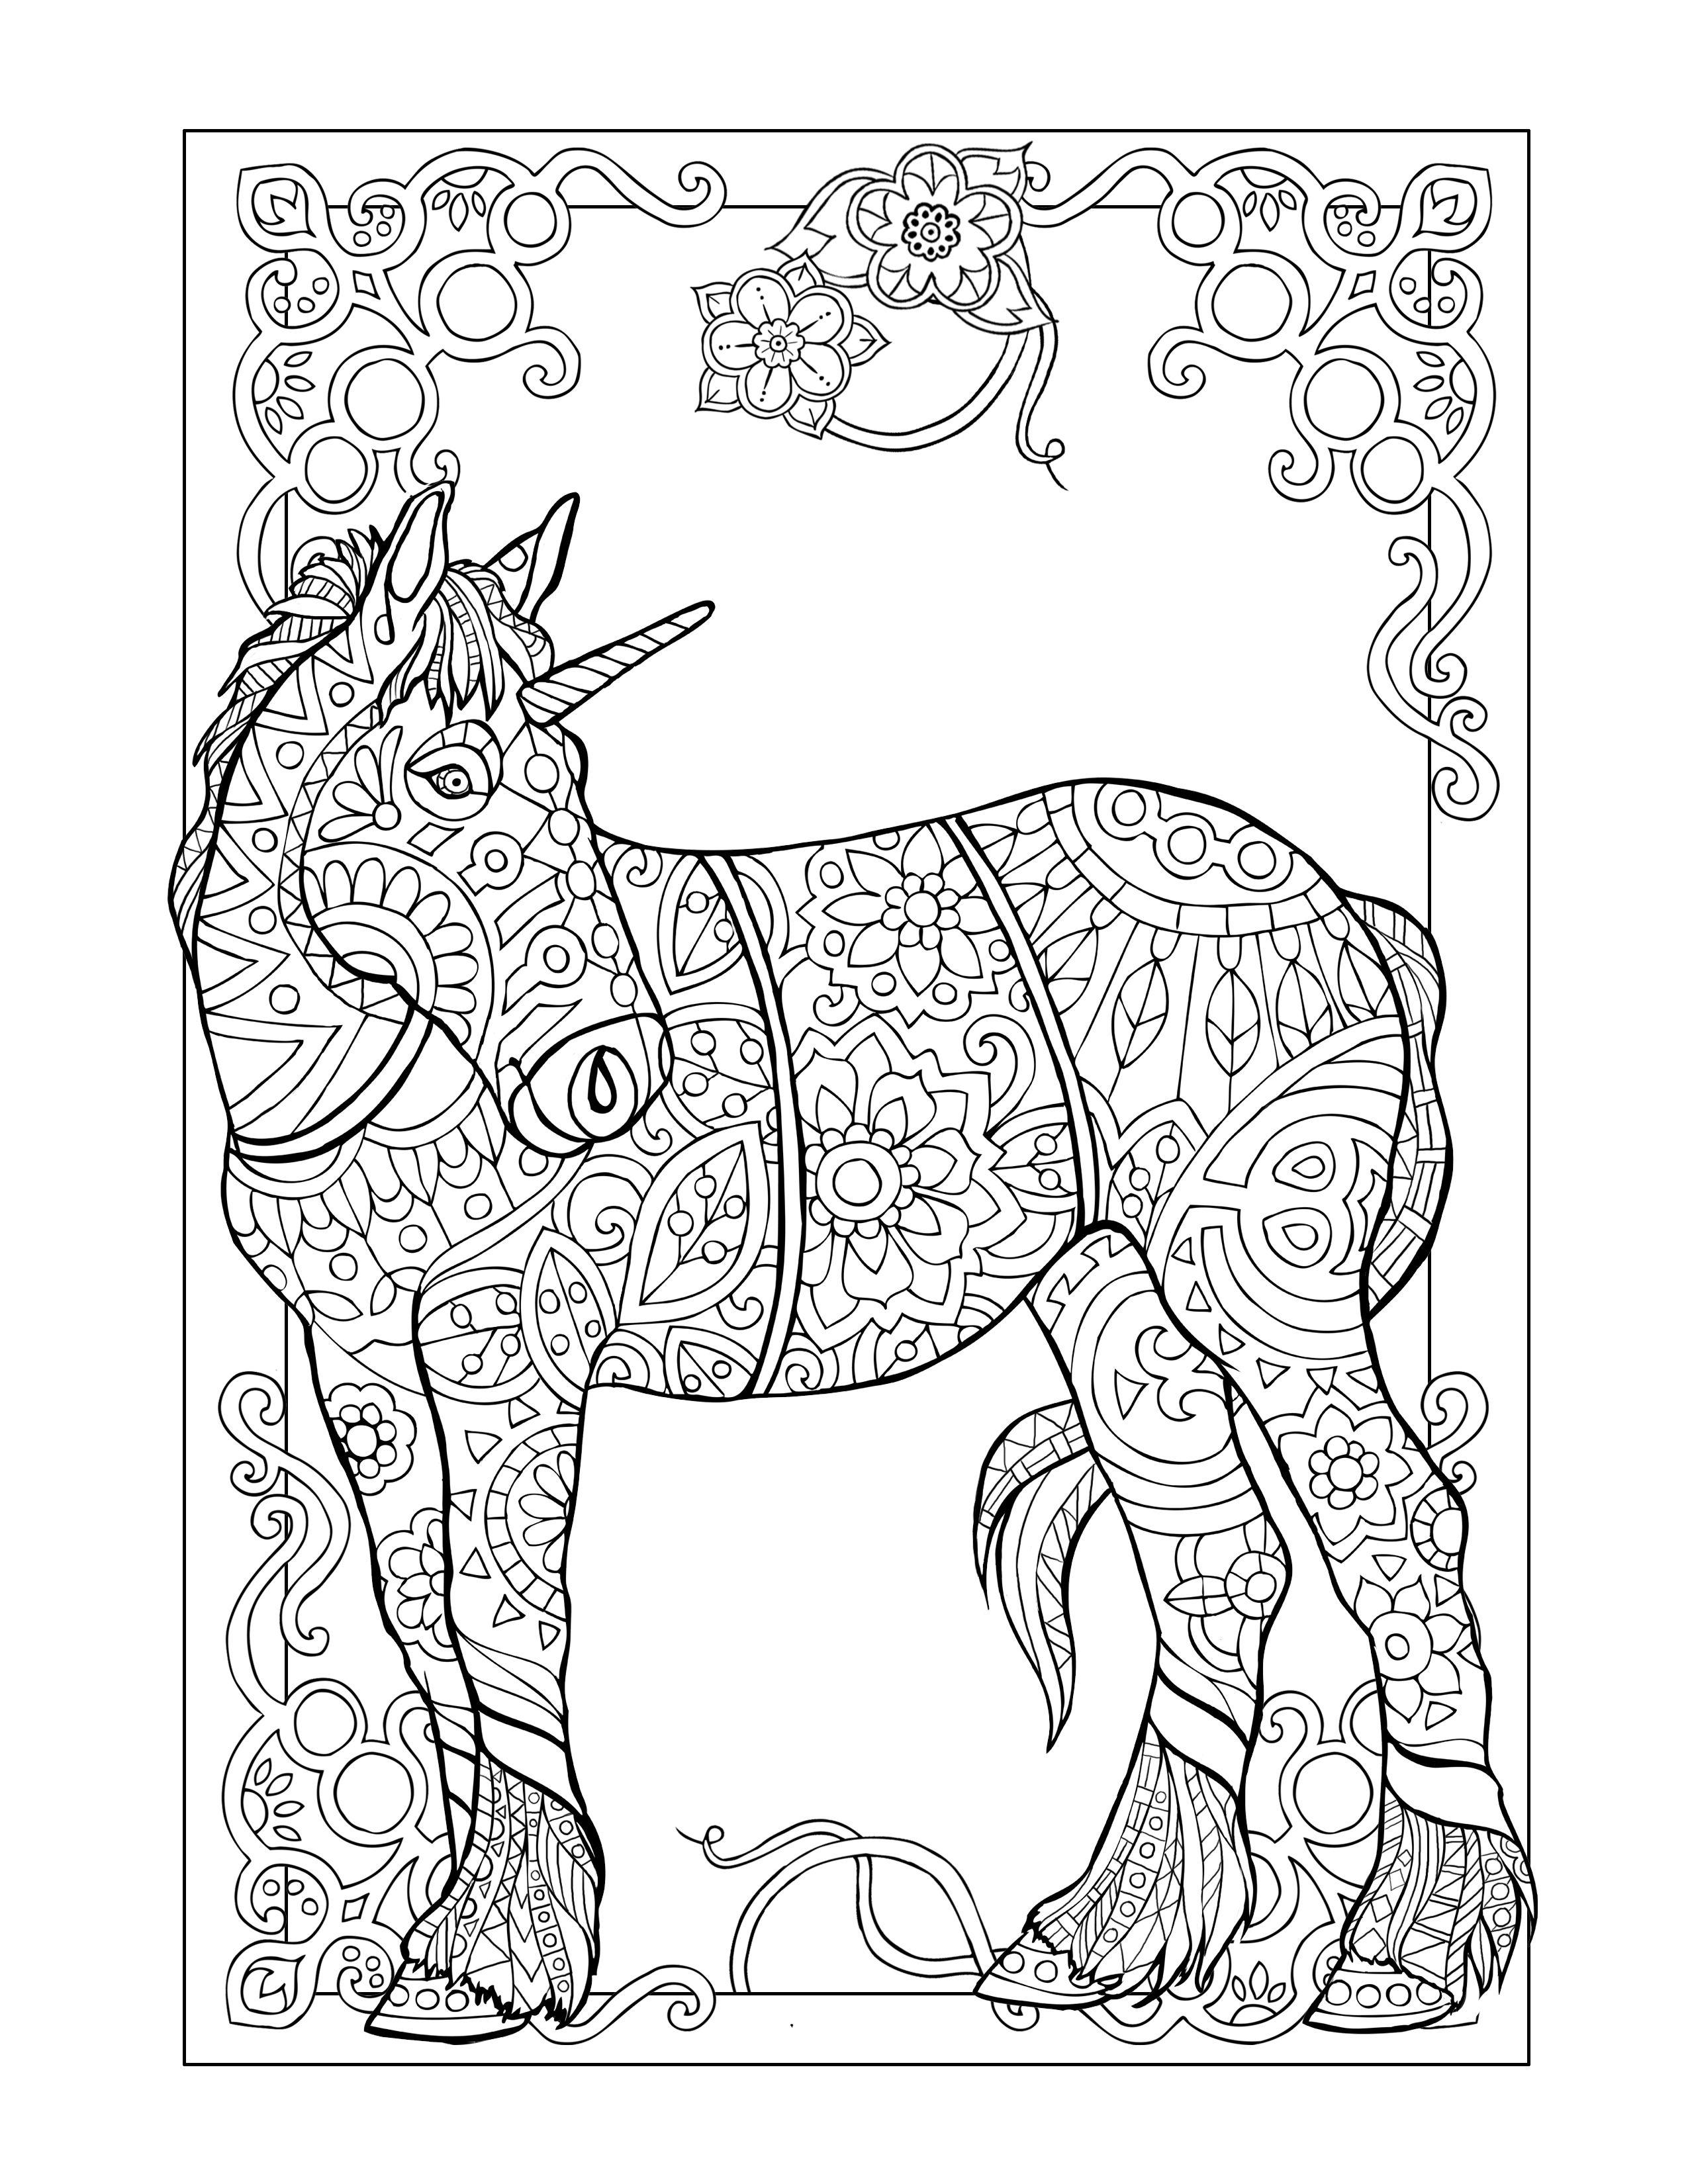 pin angelique de logt op tekeningen kleurplaten